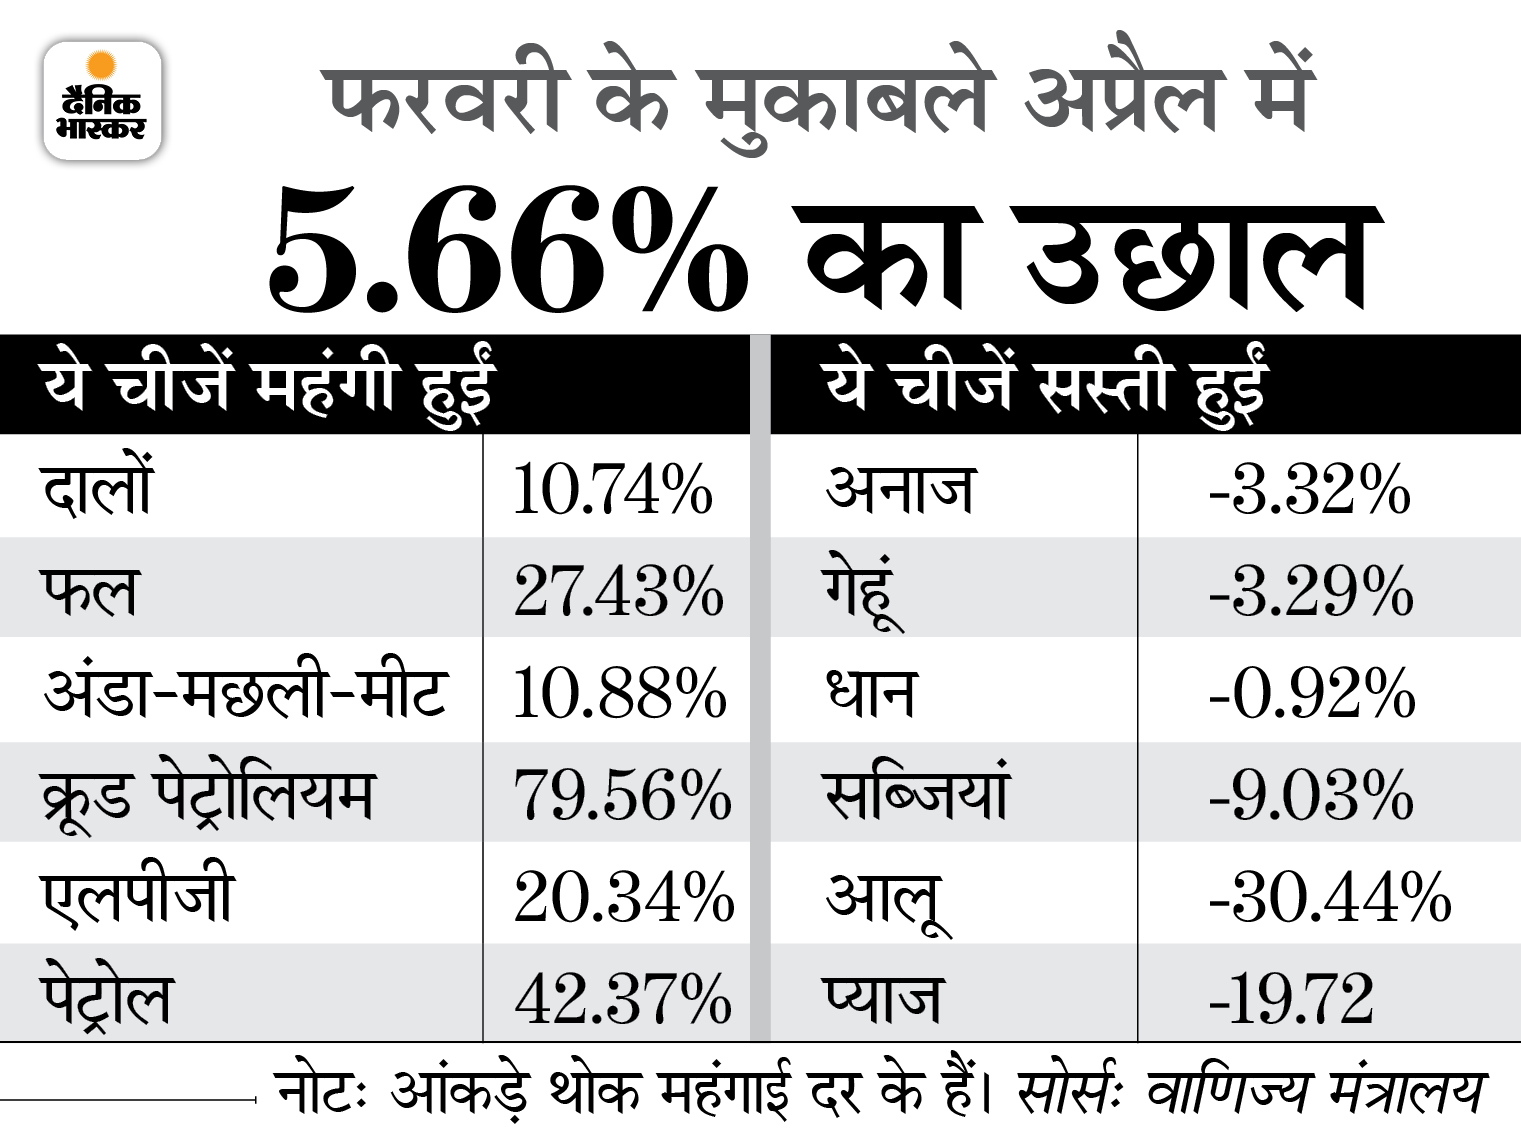 अप्रैल में 10.49% रही वस्तुओं की थोक महंगाई दर, महंगे पेट्रोल-डीजल की वजह से बढ़ रही कीमत|बिजनेस,Business - Dainik Bhaskar